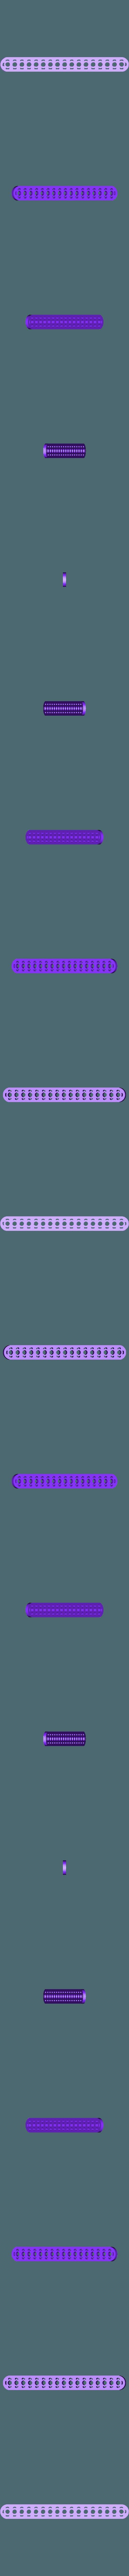 strait_17.STL Télécharger fichier STL gratuit MEGA Expansion 200+ Pièces • Plan à imprimer en 3D, Pwentey